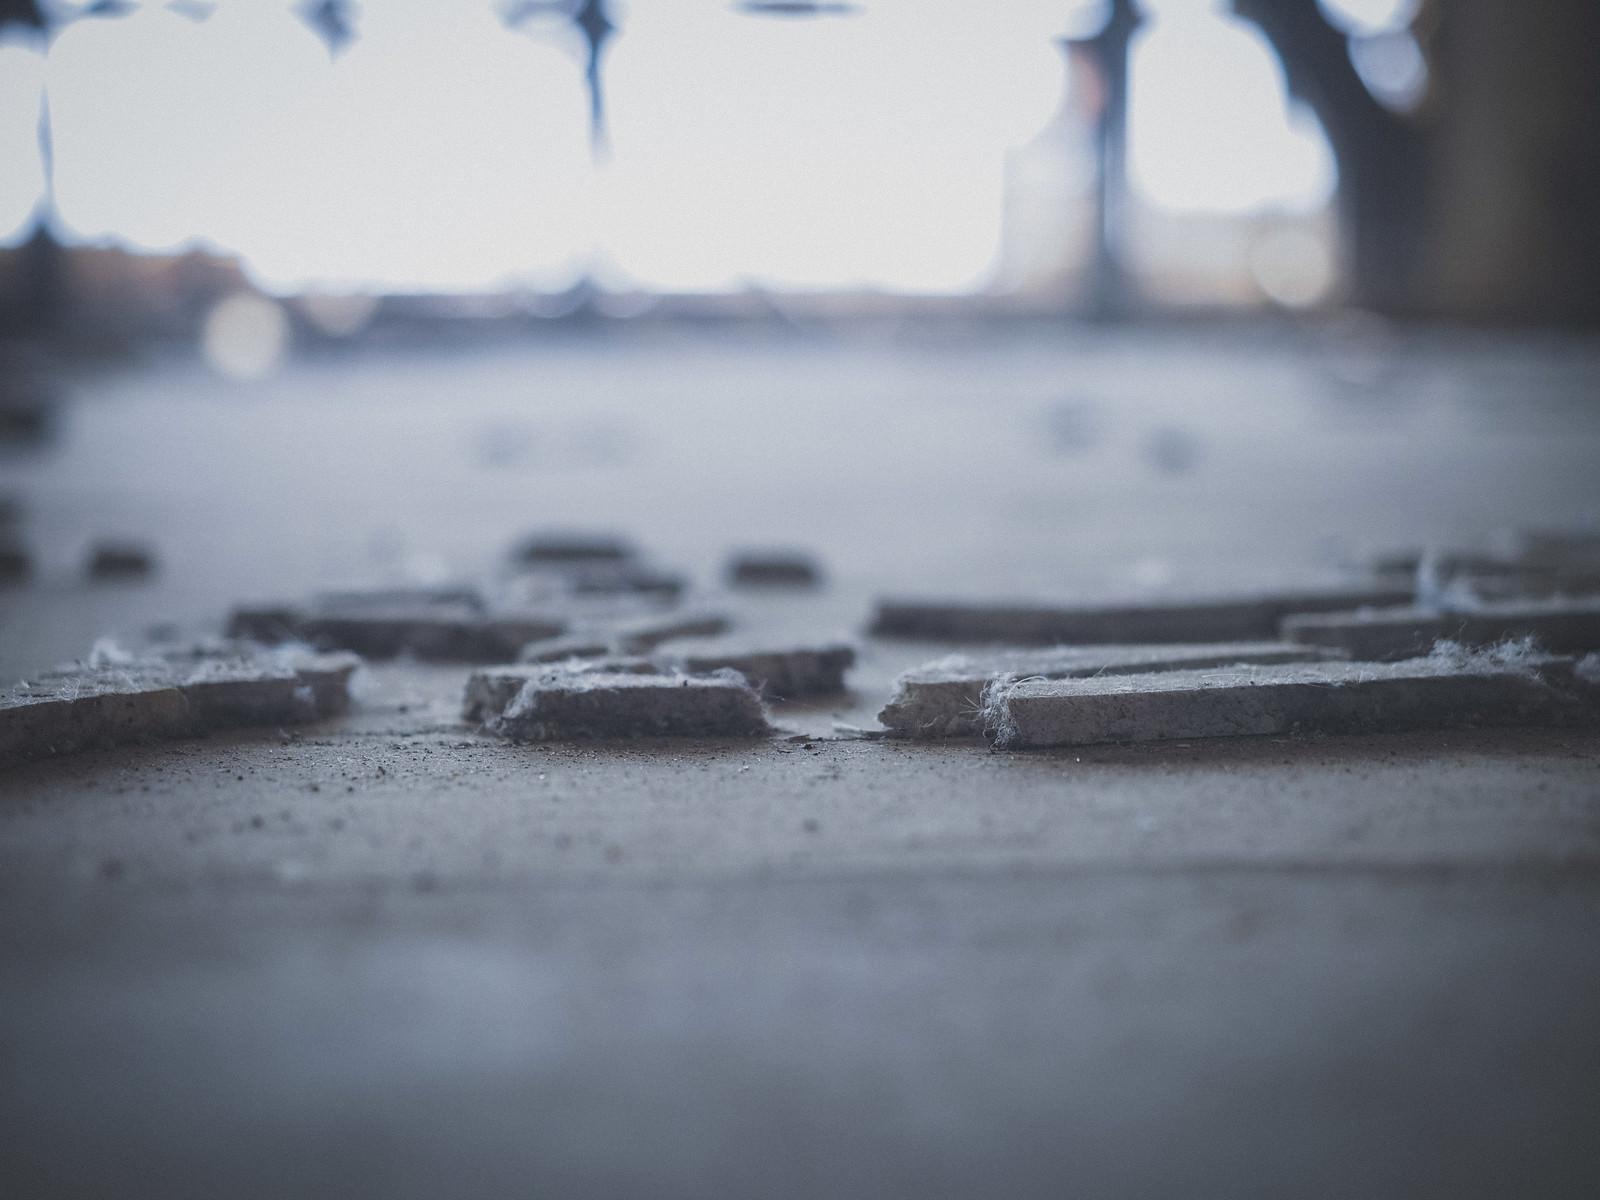 「廃墟の床に残るコンクリート片」の写真